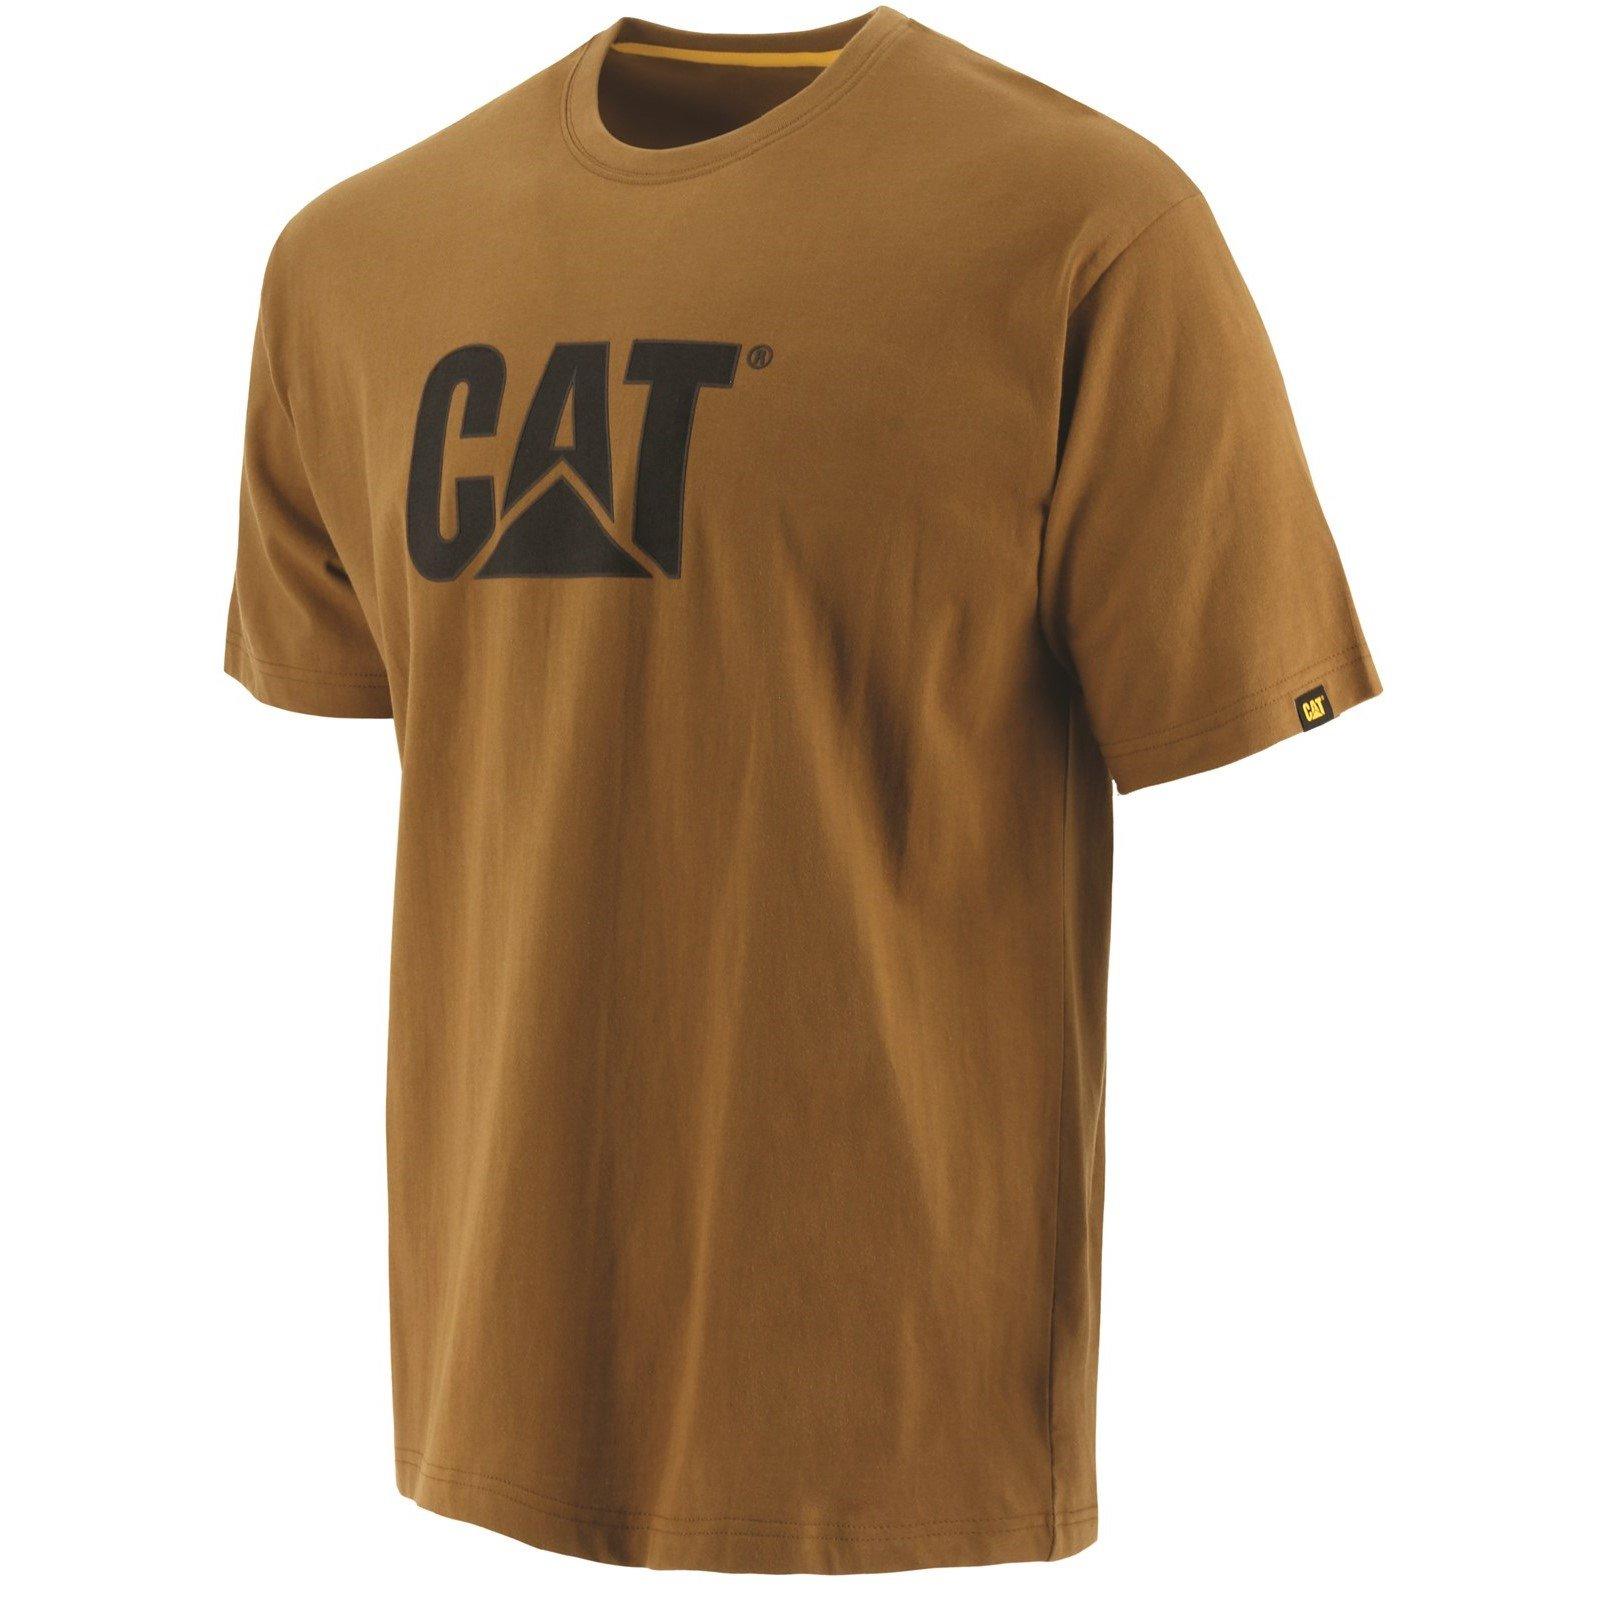 Caterpillar Men's Trademark Logo T-Shirt Various Colours 25301-42086 - Bronze 4X